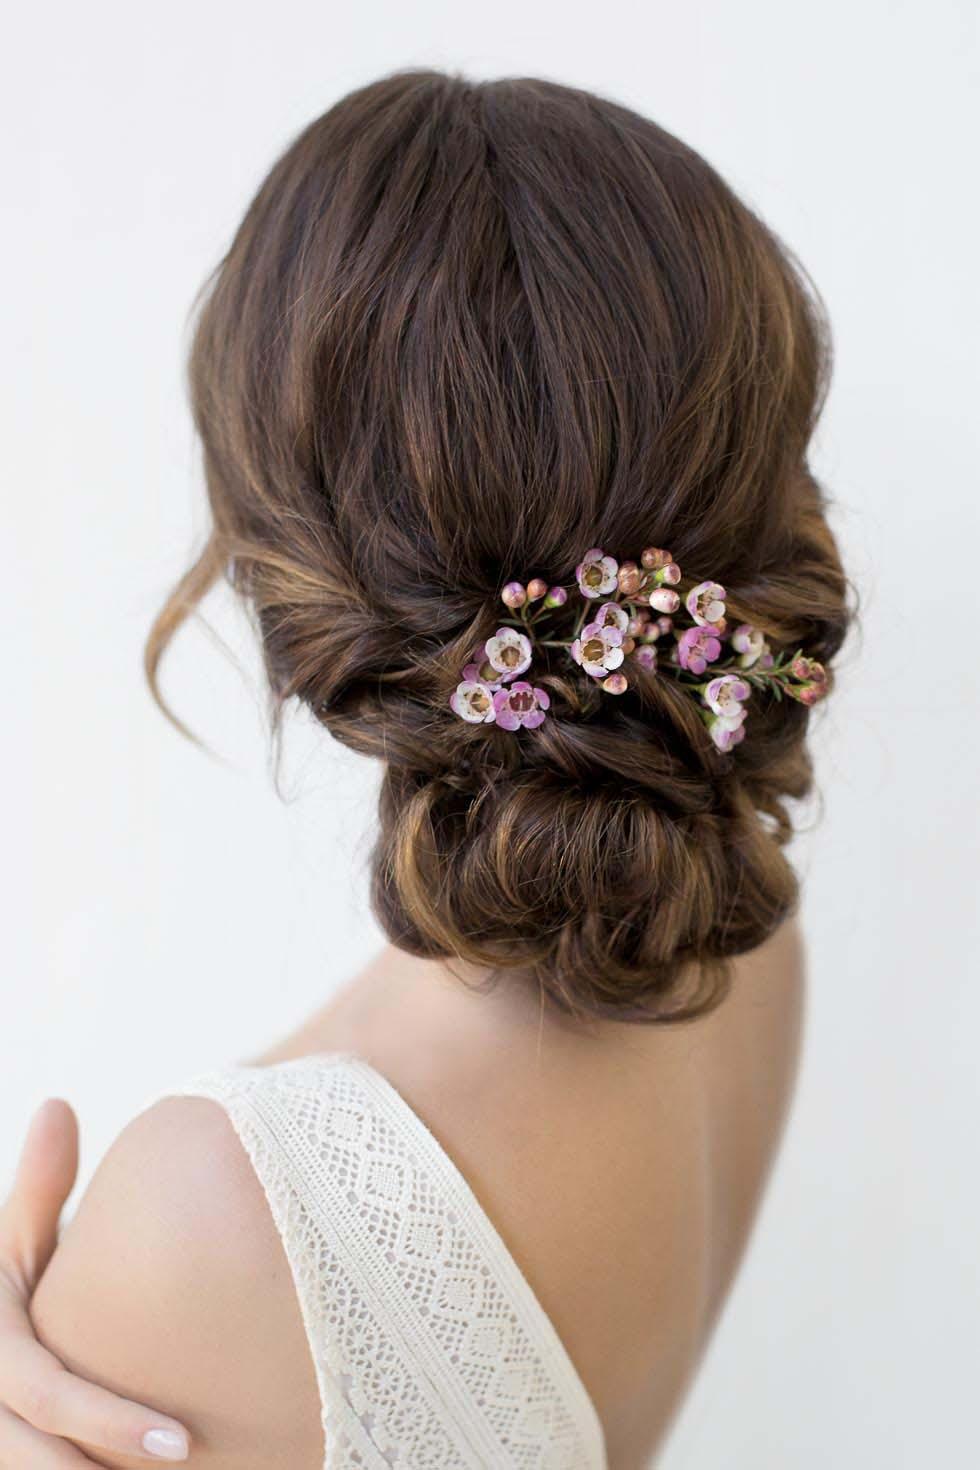 Anleitung: 11 romantische Brautfrisuren im Vintage Stil mit Blumen